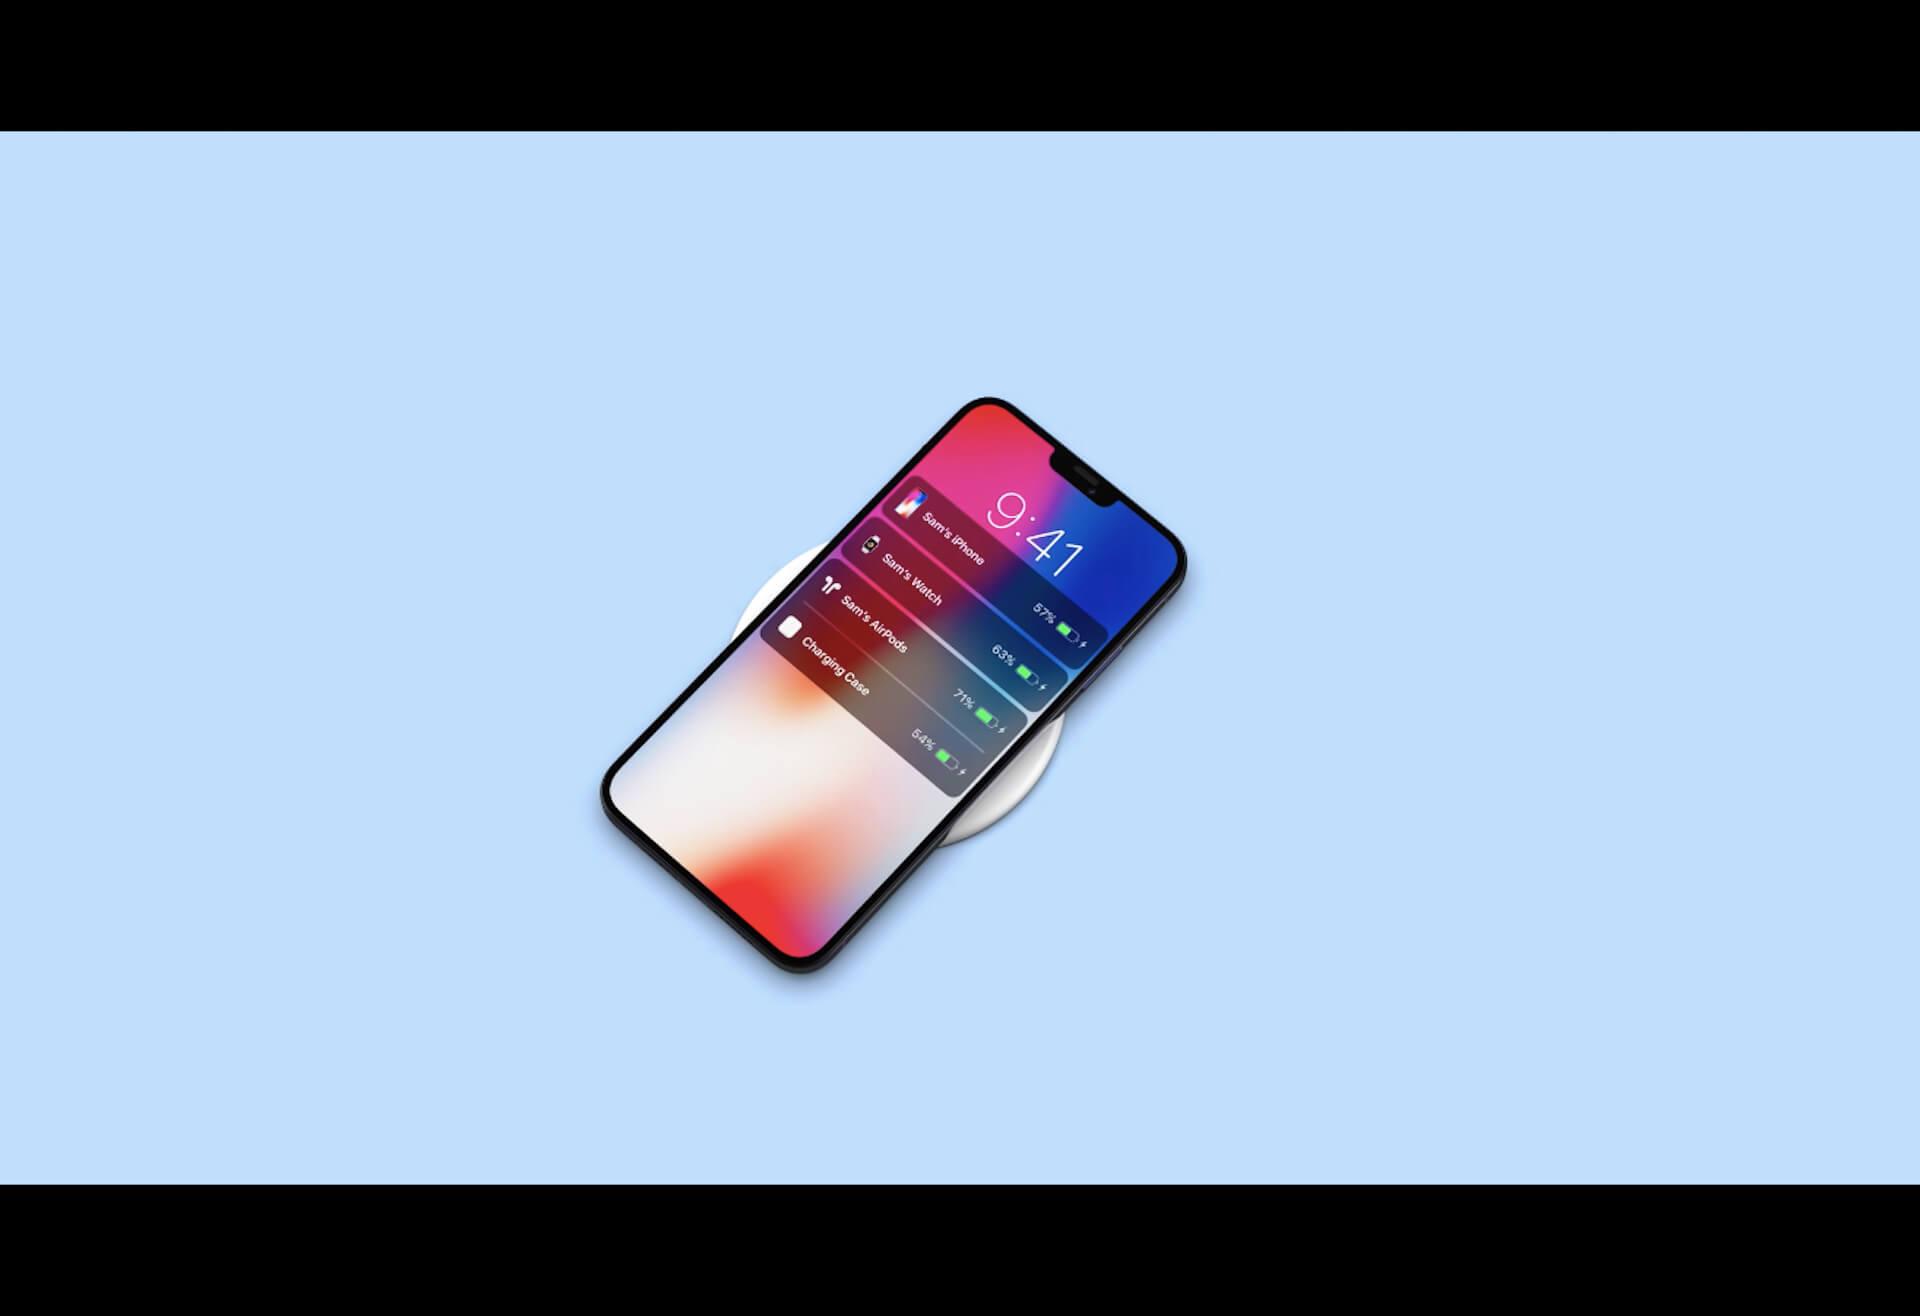 iPhone 12はバッテリー用プリント基板のデザイン簡素化でコスト削減に成功か?著名アナリストが示唆 tech200821_iphone12_main